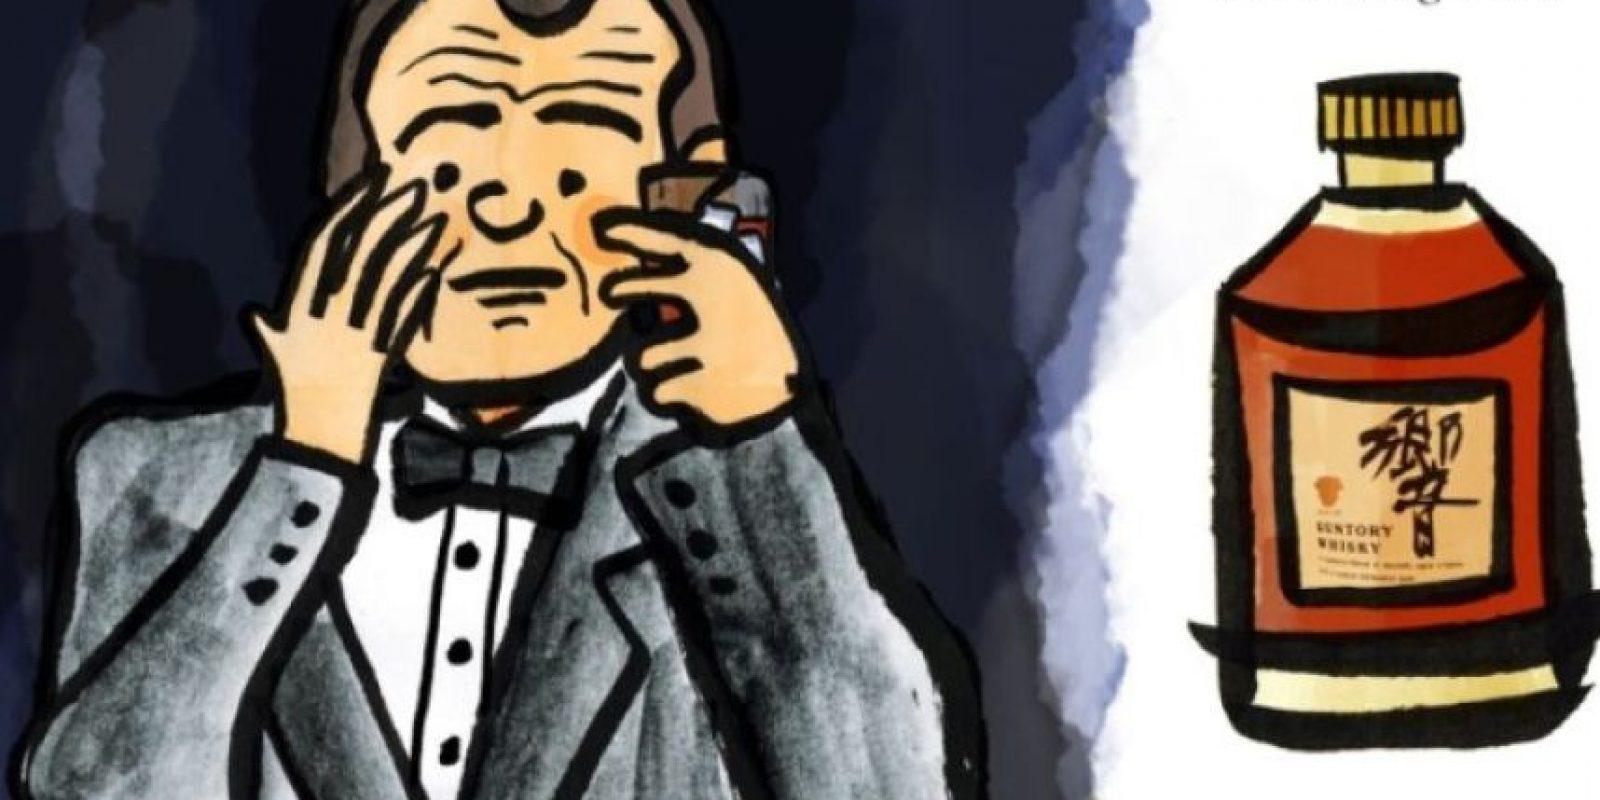 """Basta raspar en una página y oler el whisky del personaje de Murray de """"Perdidos en Tokio"""". Foto:Sugai Books"""